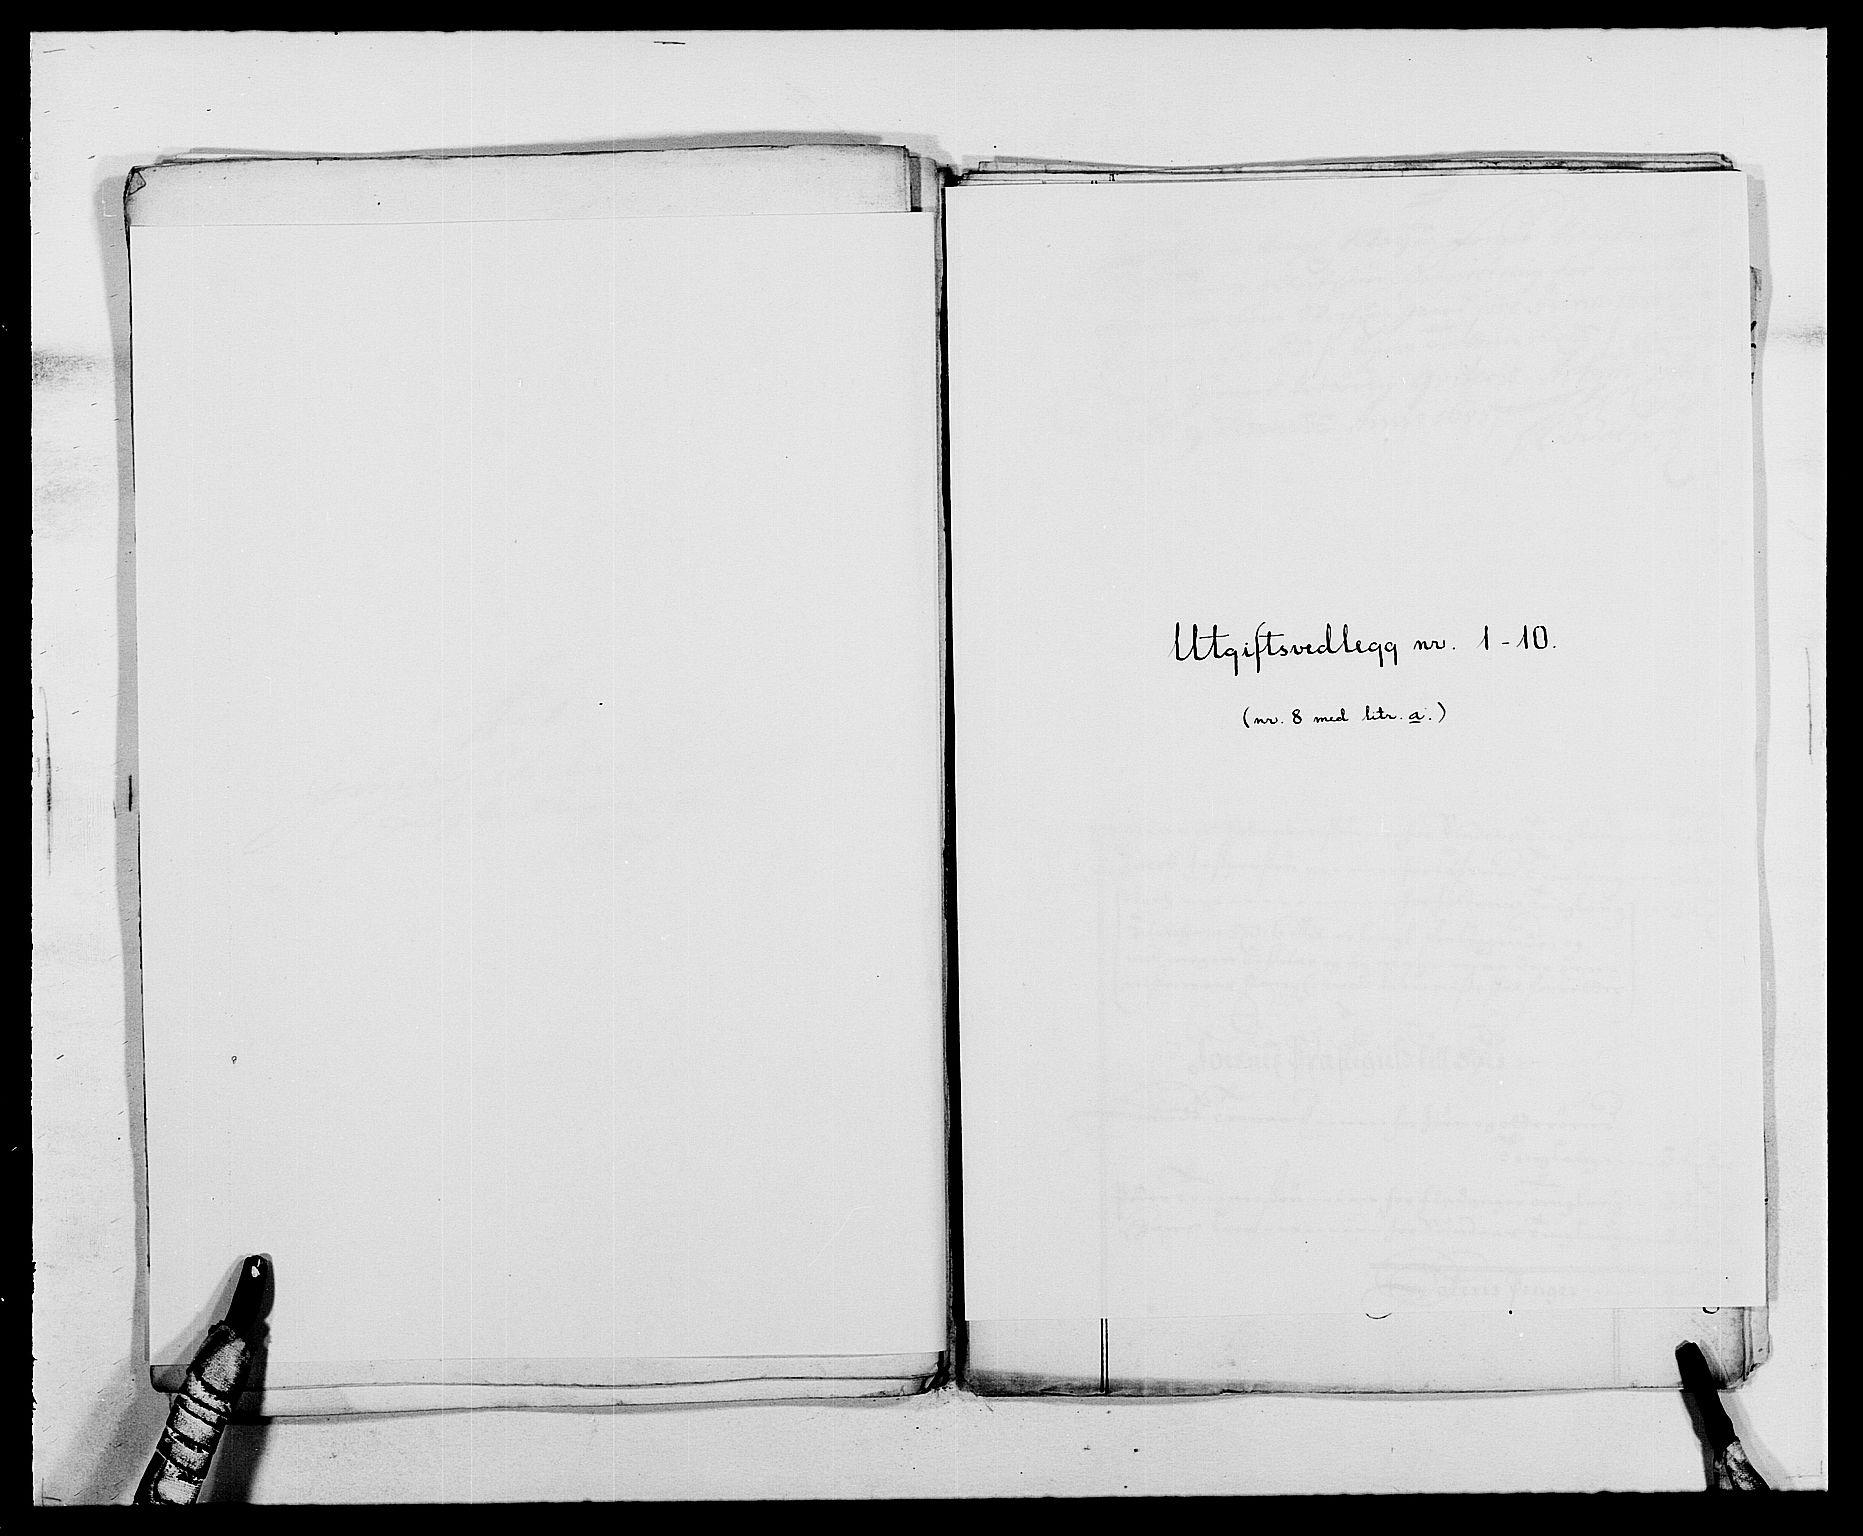 RA, Rentekammeret inntil 1814, Reviderte regnskaper, Fogderegnskap, R64/L4422: Fogderegnskap Namdal, 1687-1689, s. 179